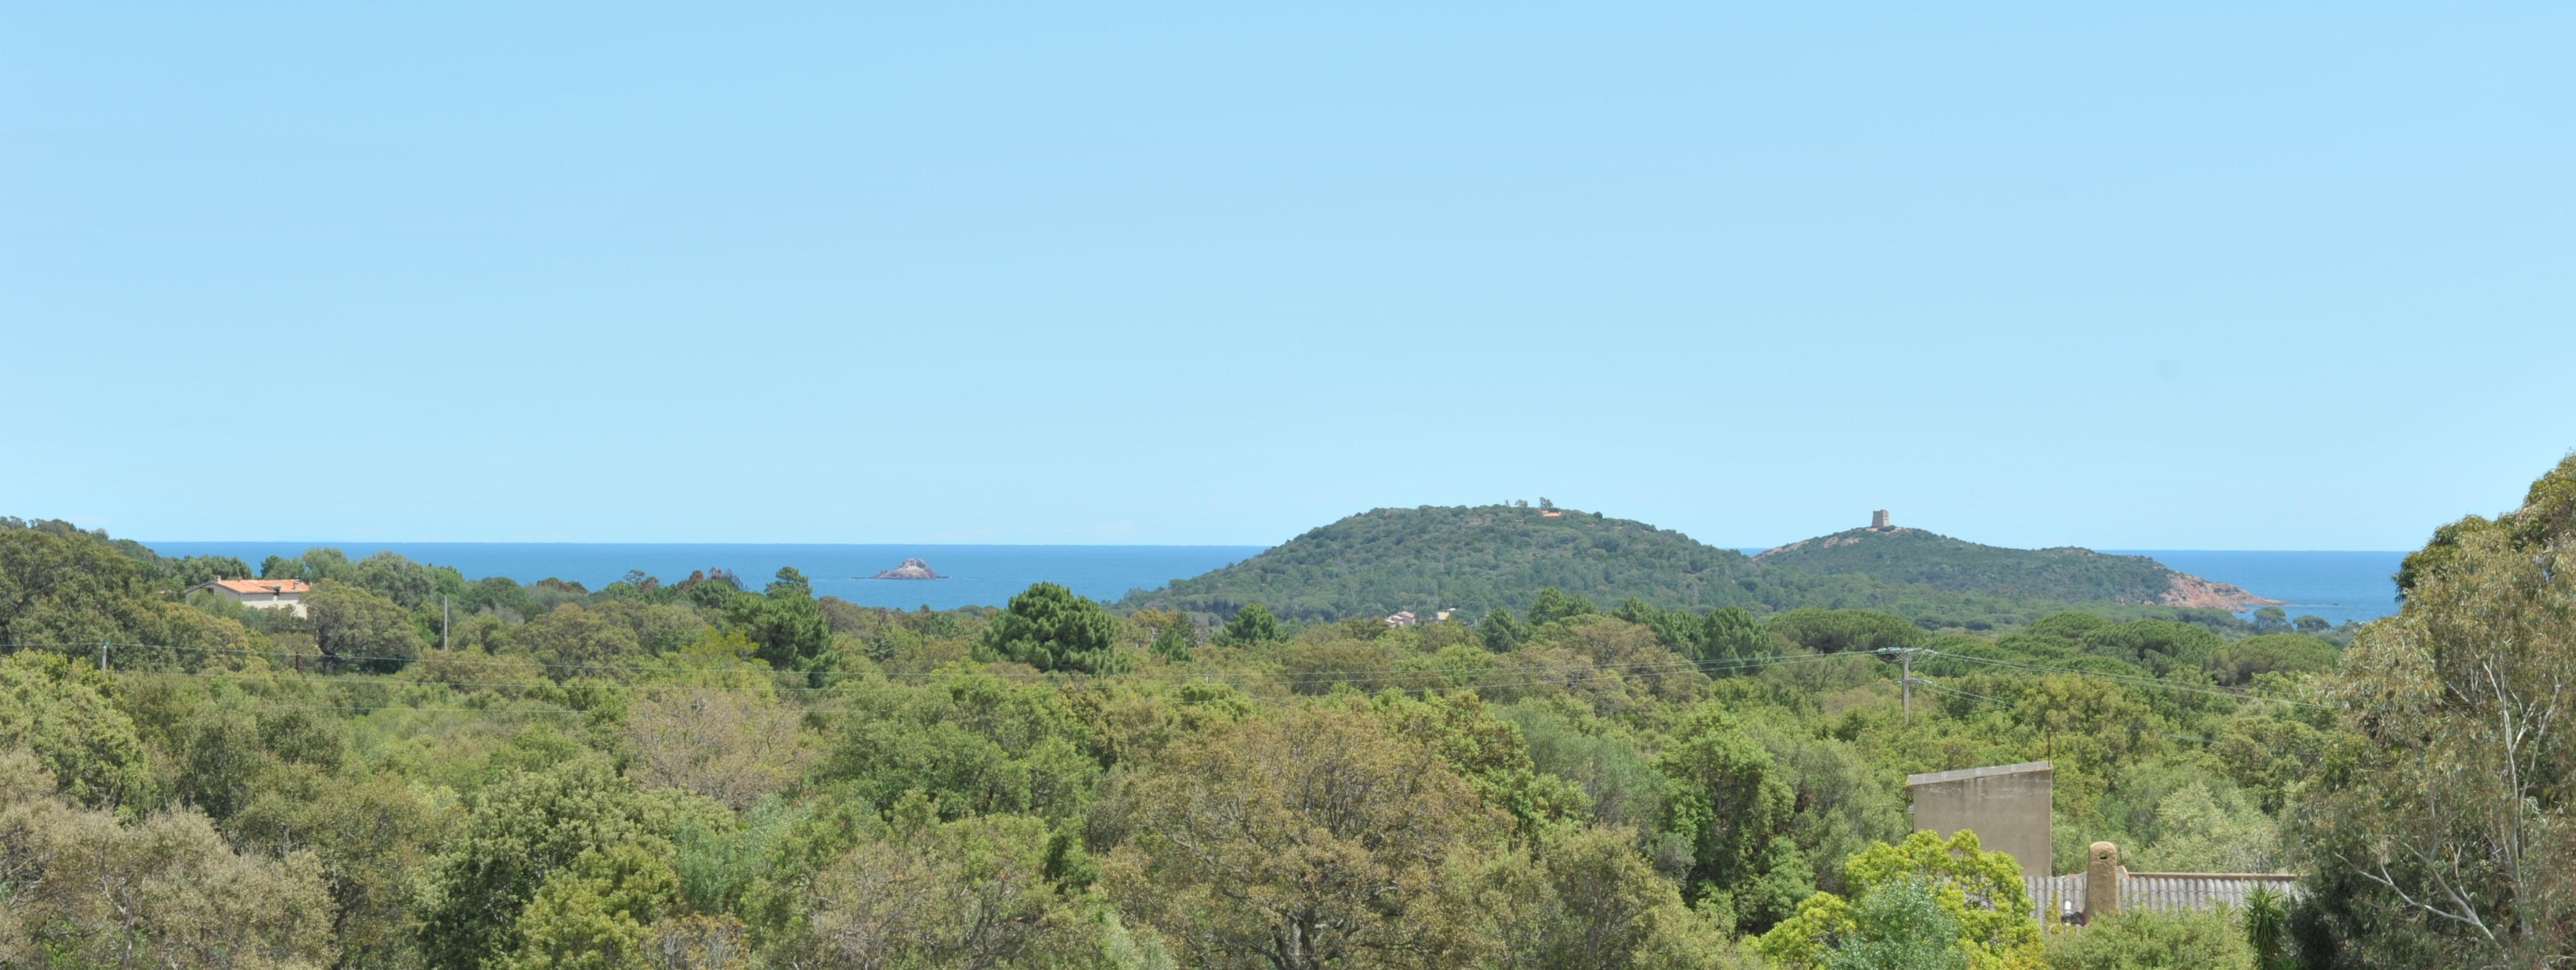 Entre St Cyprien et Pinarello: Terrain à bâtir VIABILISÉ avec VUE MER.